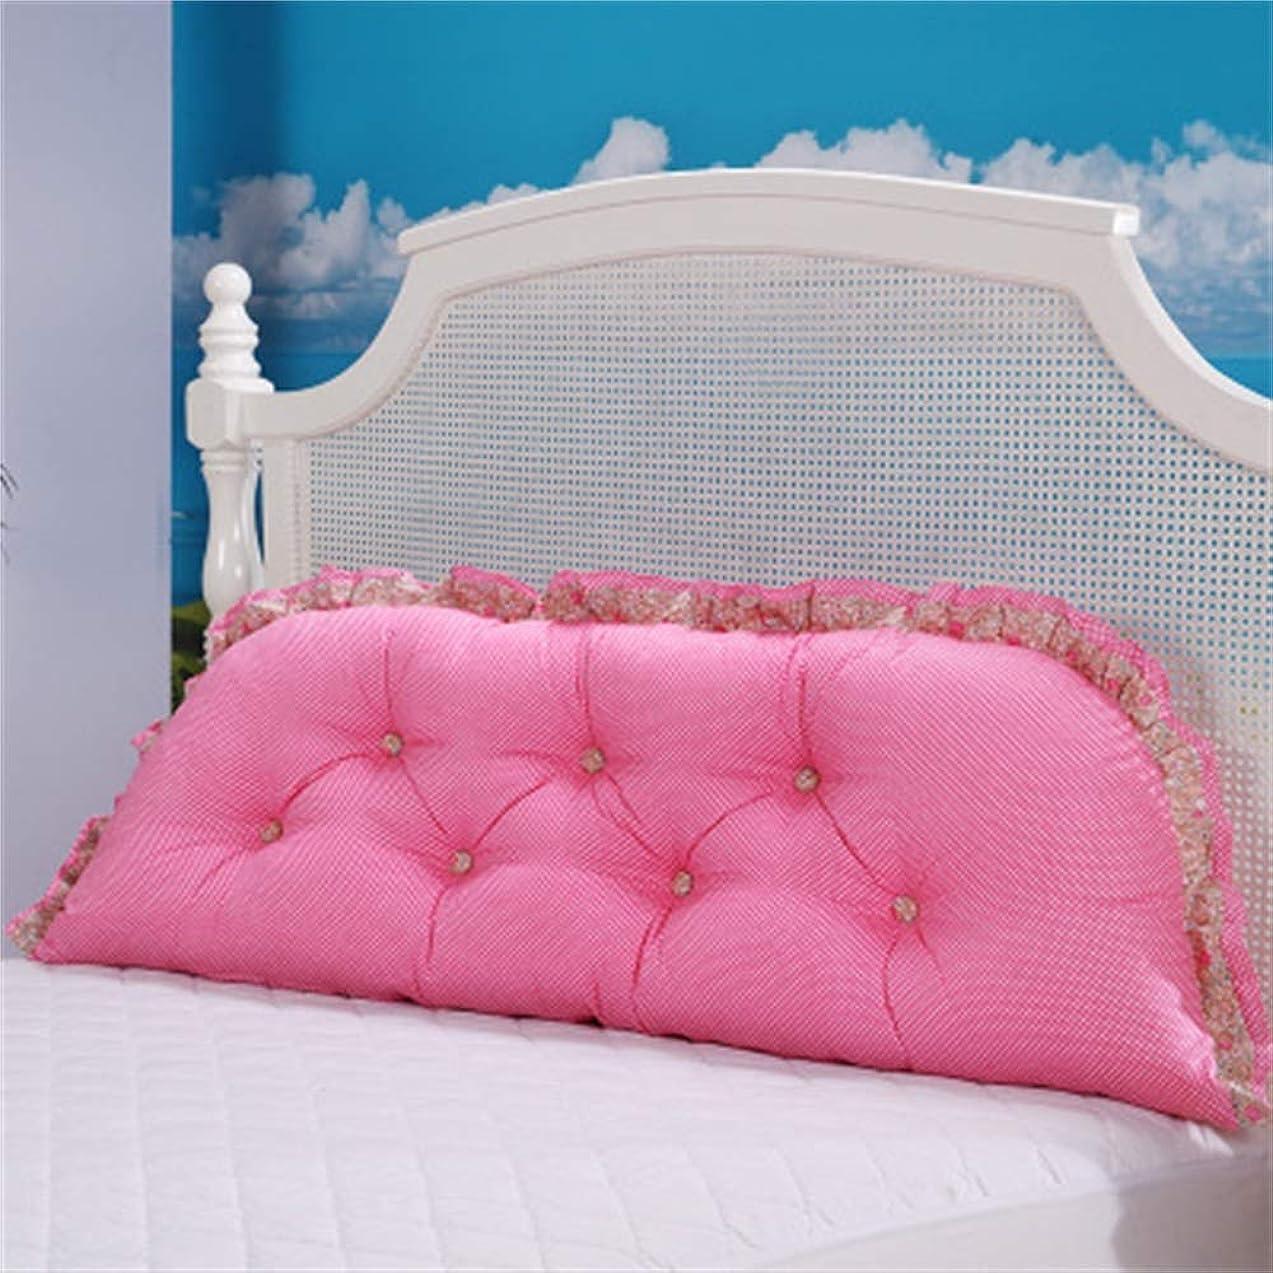 未満ビデオ舗装するGLP 韓国のプリンセスガーデン綿ヘッド背もたれベッドソファ大クッション枕枕腰椎枕取り外し可能と洗える、24色&5サイズ (Color : T, Size : 200x20x60cm)